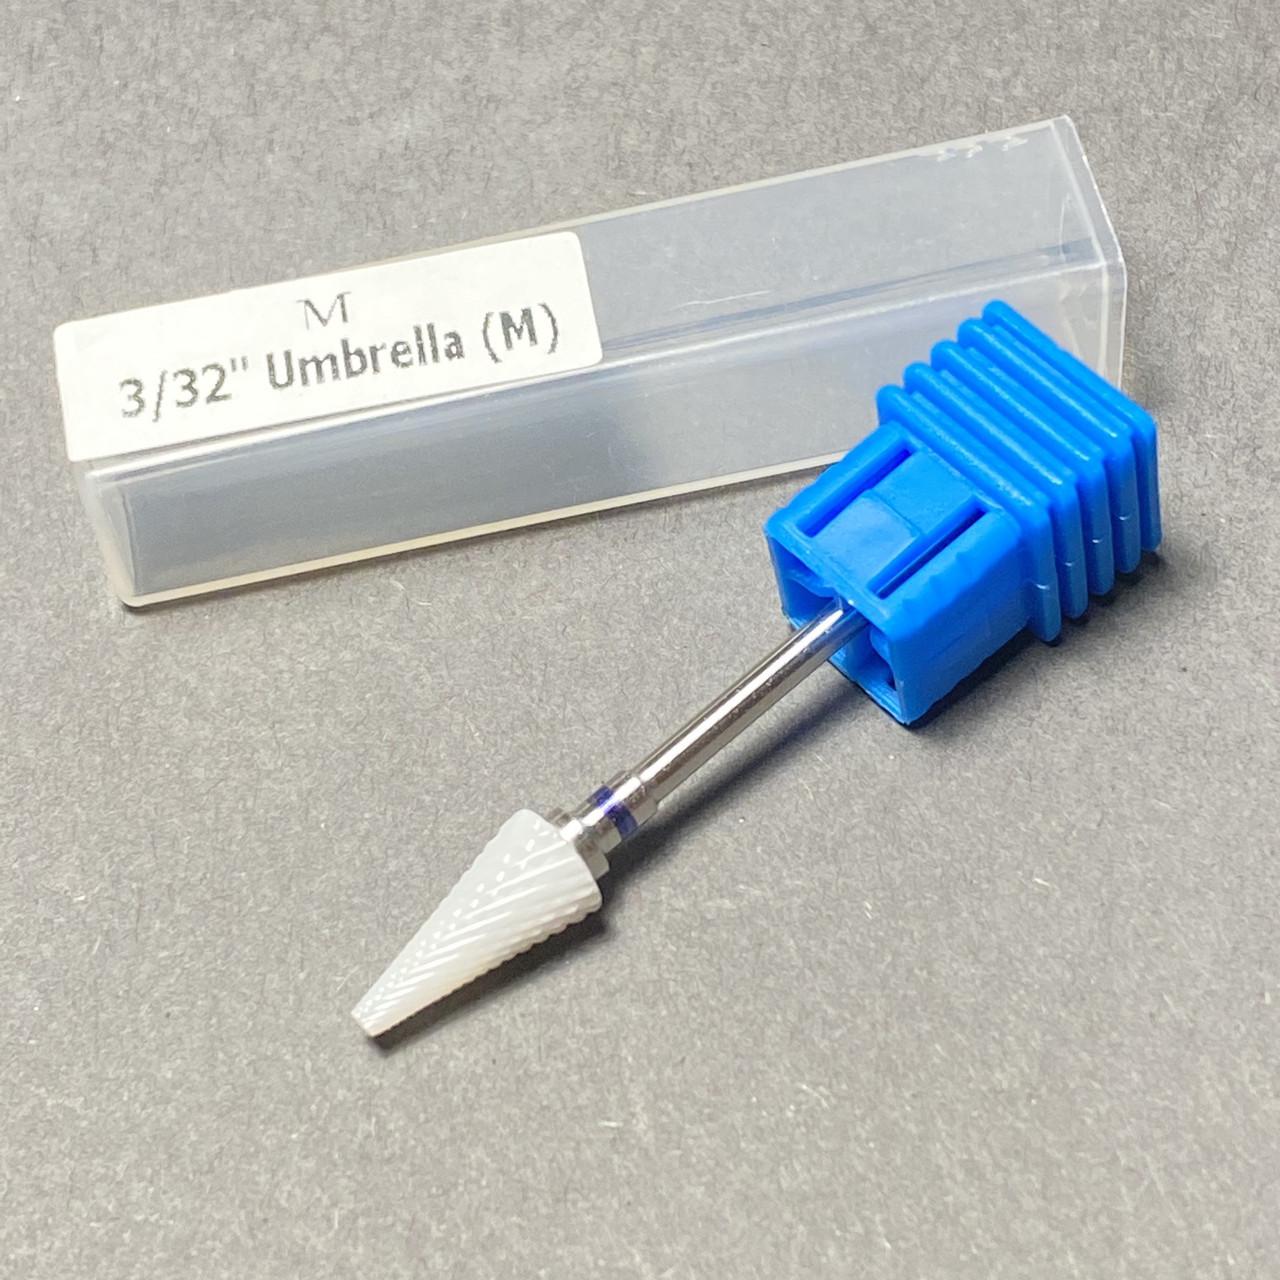 Насадка керамическая для фрезера маникюрного M3/32 синяя